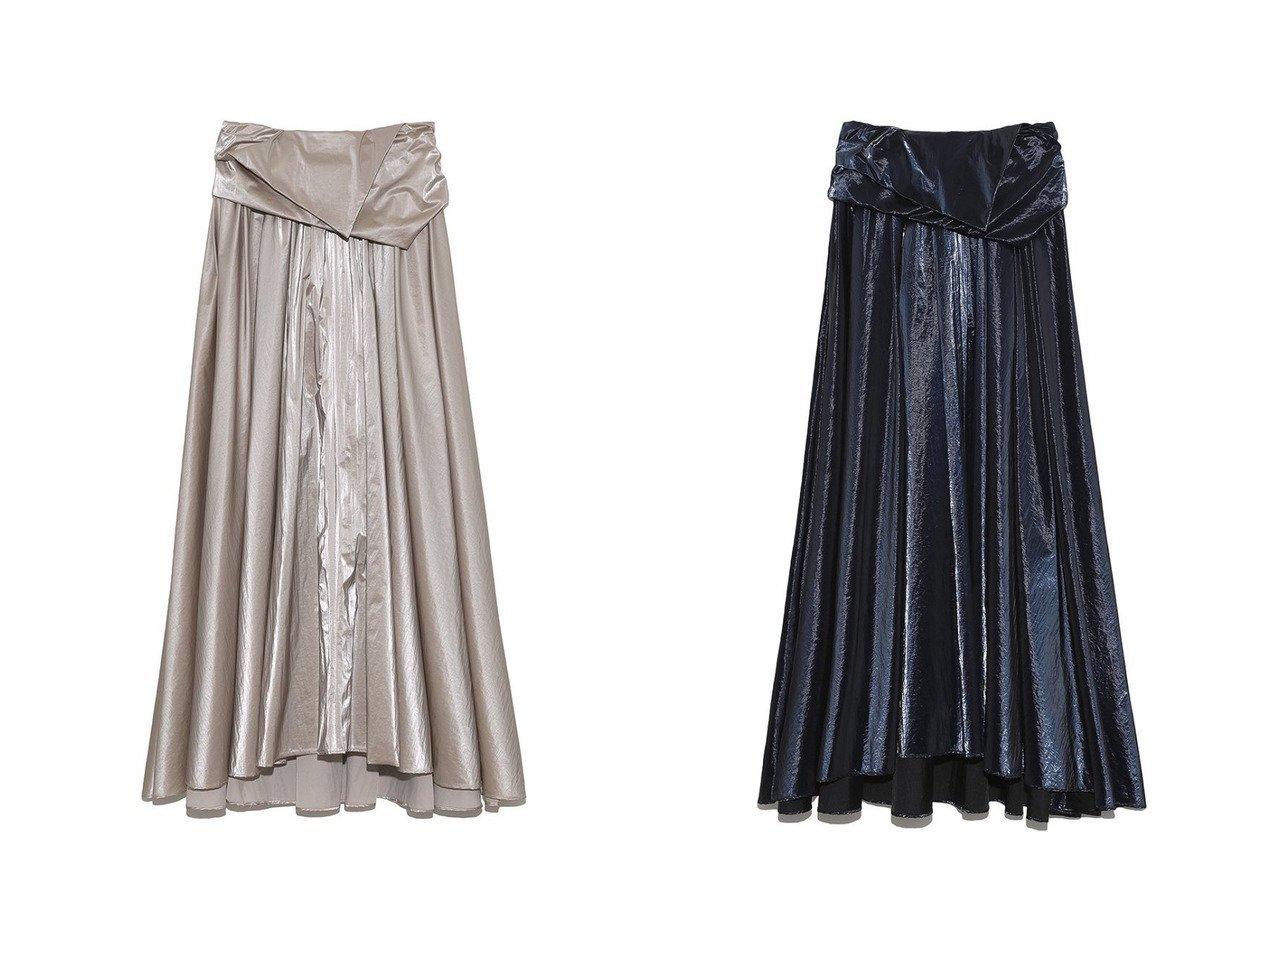 【SNIDEL/スナイデル】のメタリックボリュームスカート 【スカート】おすすめ!人気、トレンド・レディースファッションの通販 おすすめで人気の流行・トレンド、ファッションの通販商品 インテリア・家具・メンズファッション・キッズファッション・レディースファッション・服の通販 founy(ファニー) https://founy.com/ ファッション Fashion レディースファッション WOMEN スカート Skirt ロングスカート Long Skirt NEW・新作・新着・新入荷 New Arrivals ギャザー スポーティ チェック フレア ロング 秋 Autumn/Fall |ID:crp329100000055815